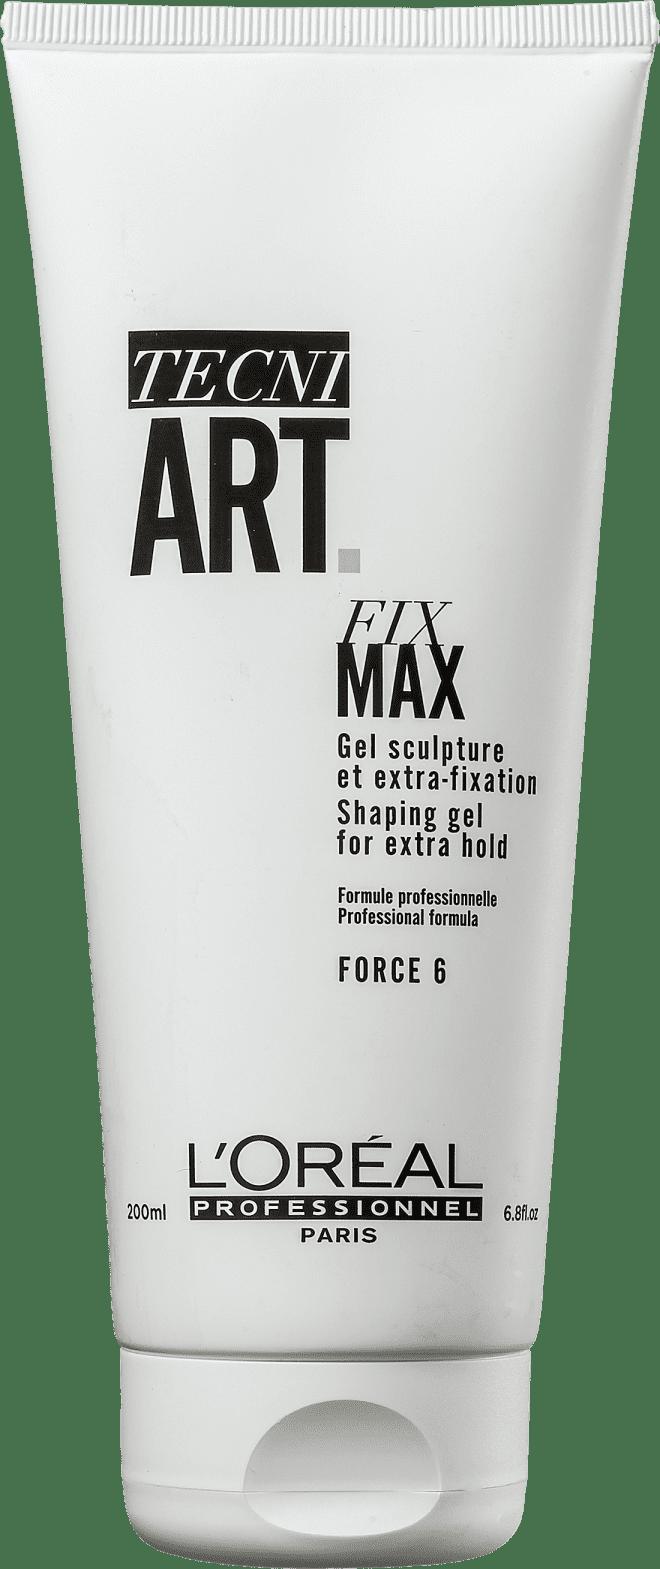 Finalizador Em Gel Tecni Art Fix Max 200ml Loreal